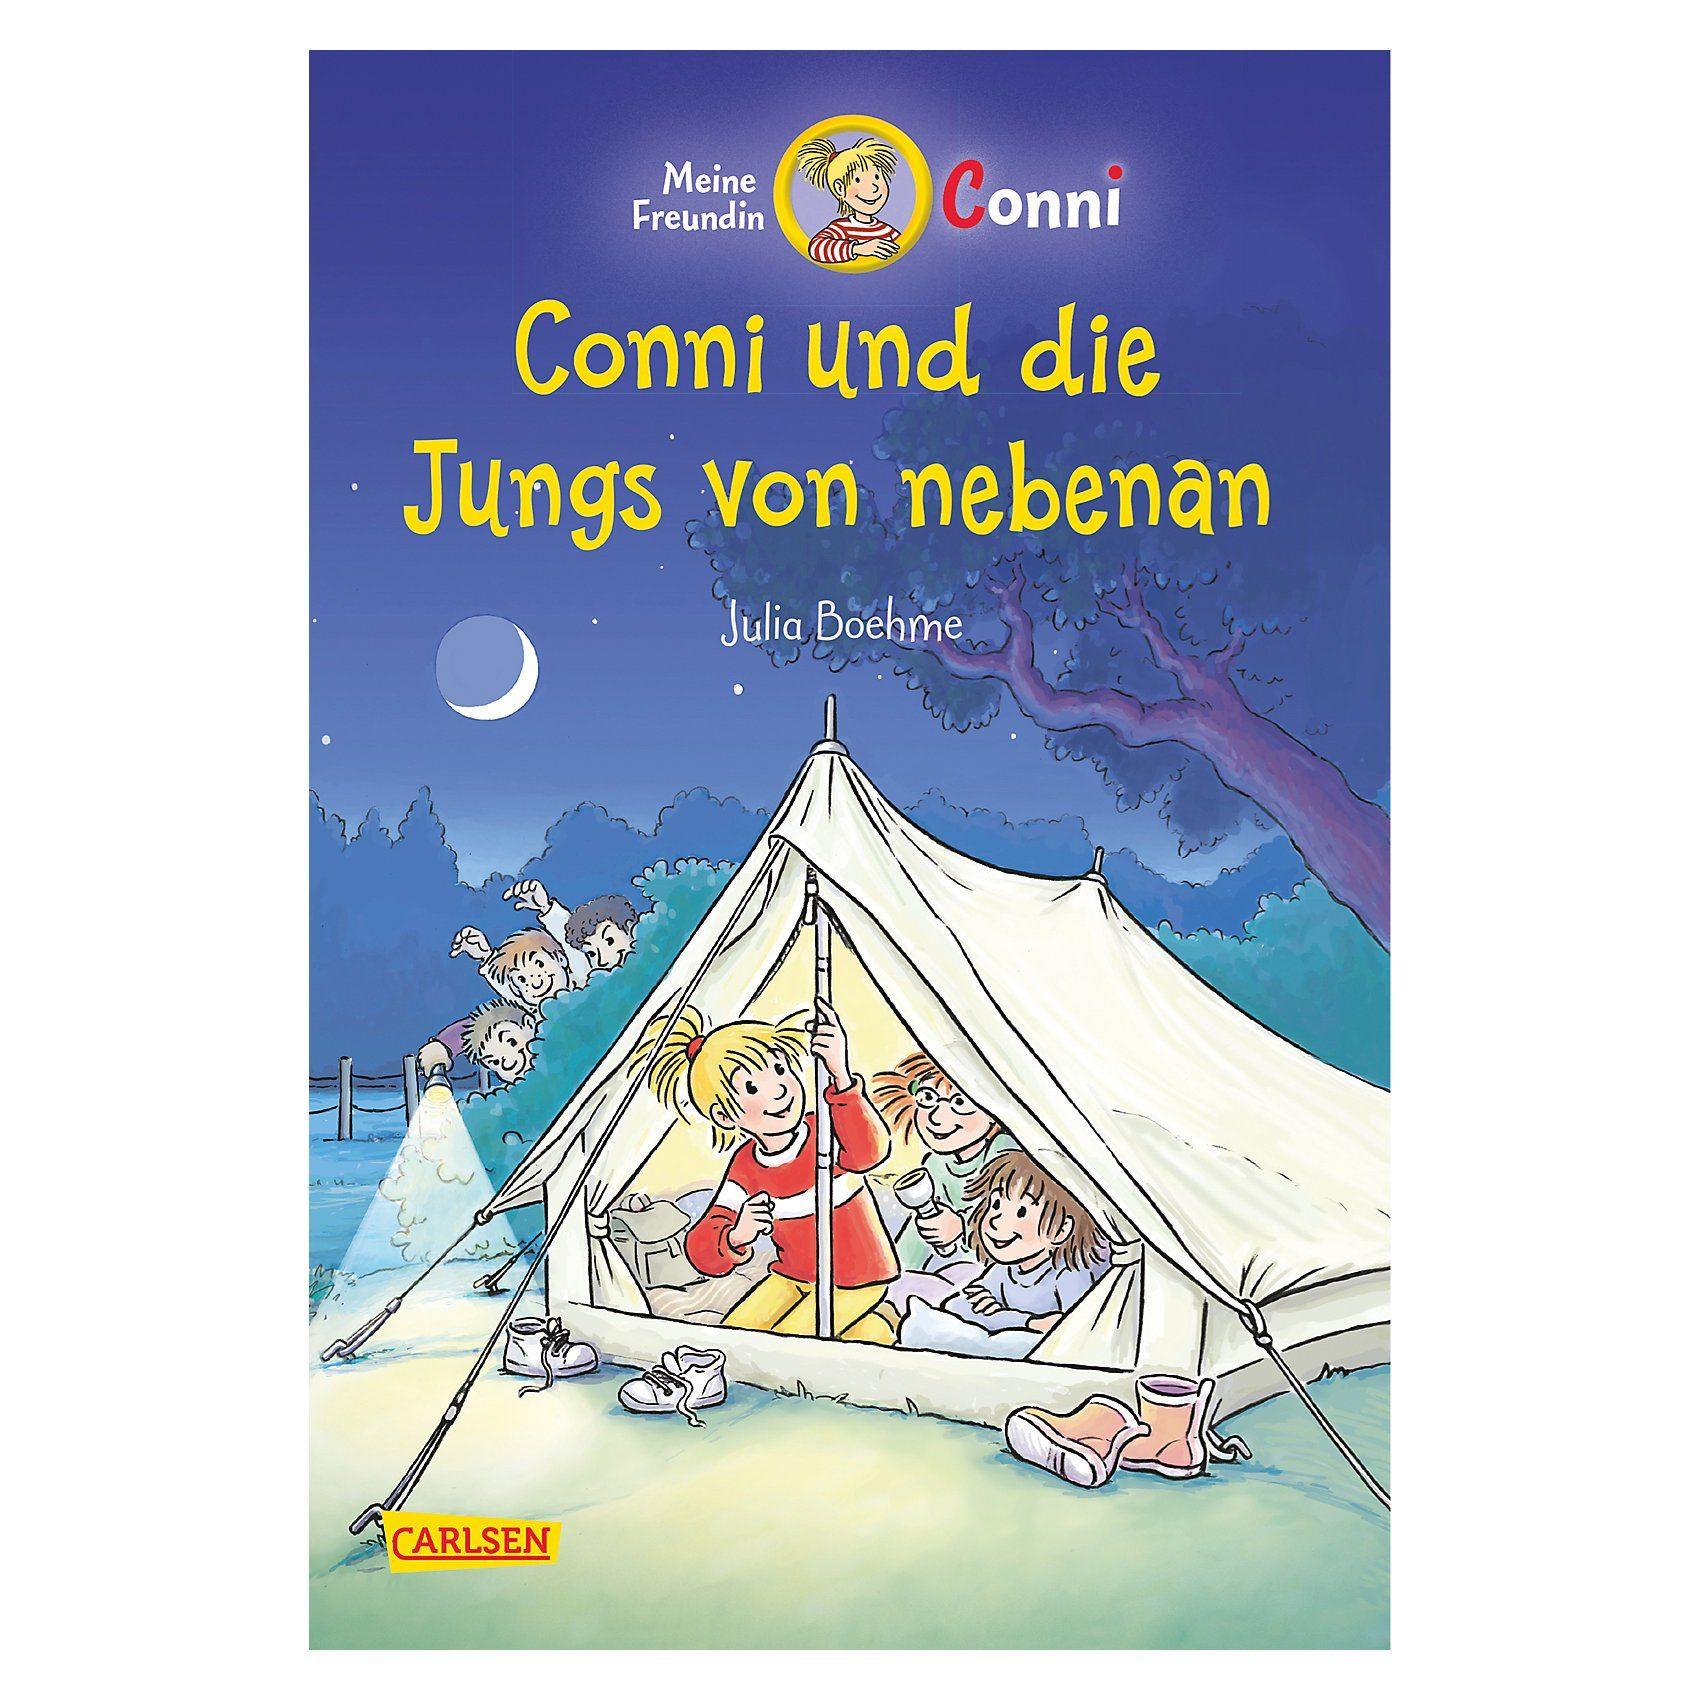 Carlsen Verlag Meine Freundin Conni: Conni und die Jungs von nebenan